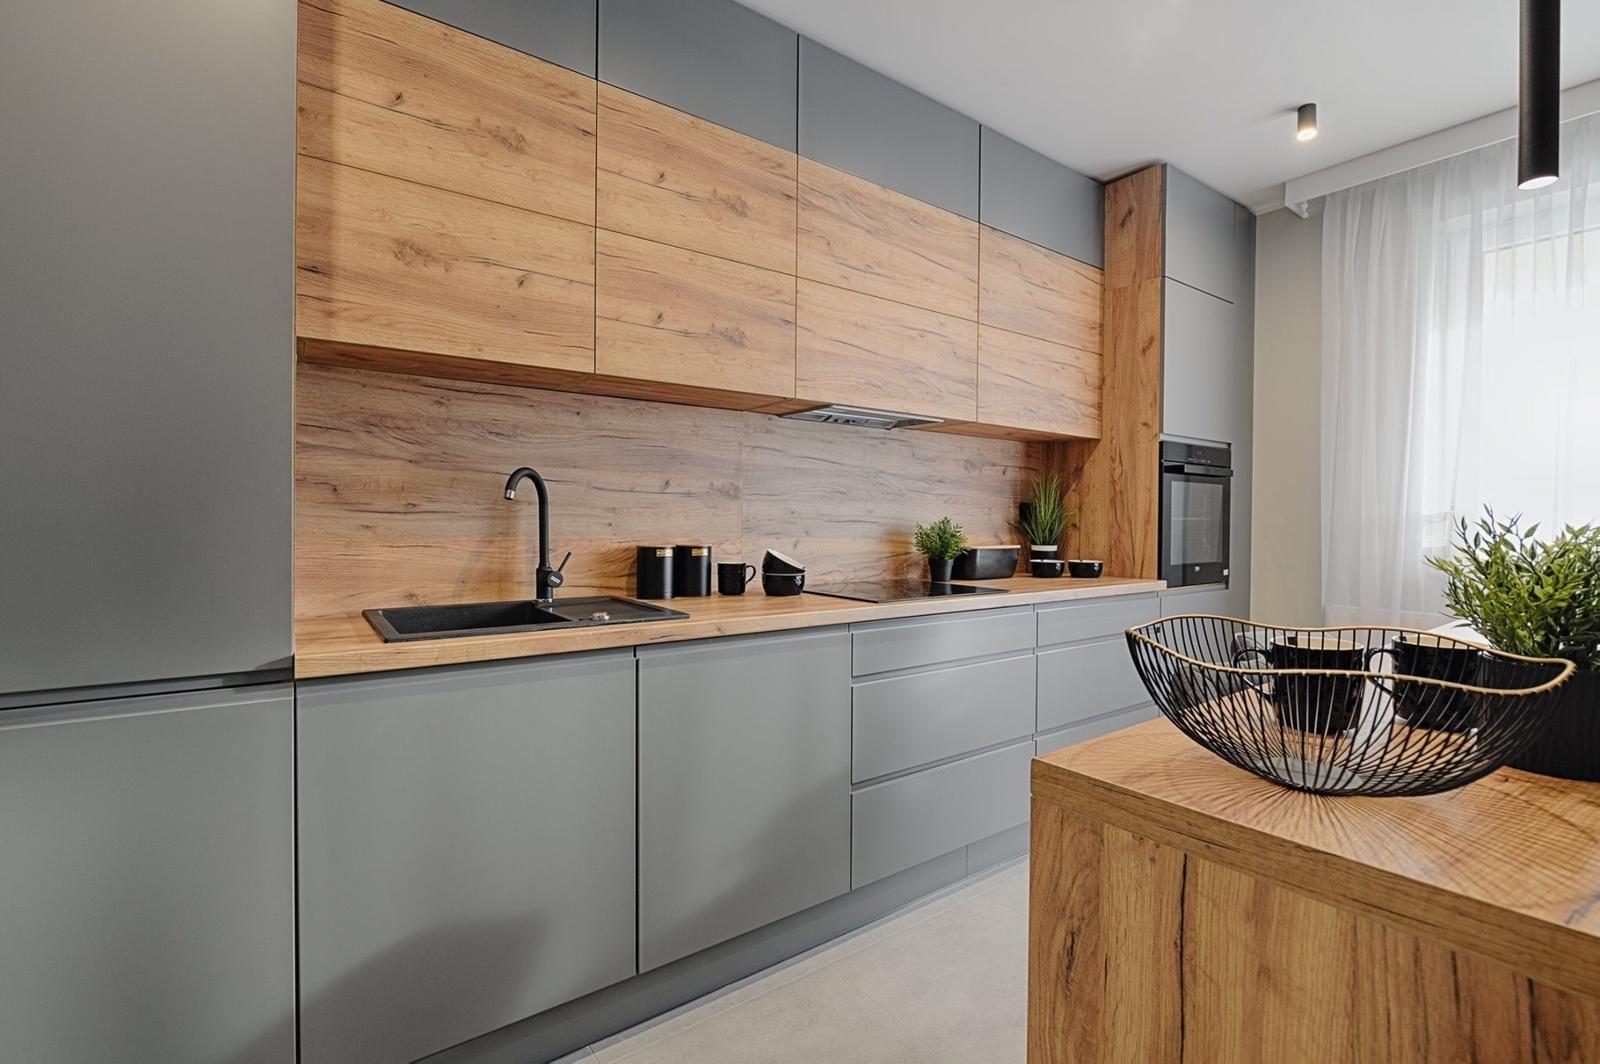 Proste Matowe Fronty Kuchenne W Odcieniu Szarosci Ocieplono Blatem O Strukturze Drewna Oraz Rzedem Sza Kitchen Design Decor Kitchen Room Design Kitchen Design